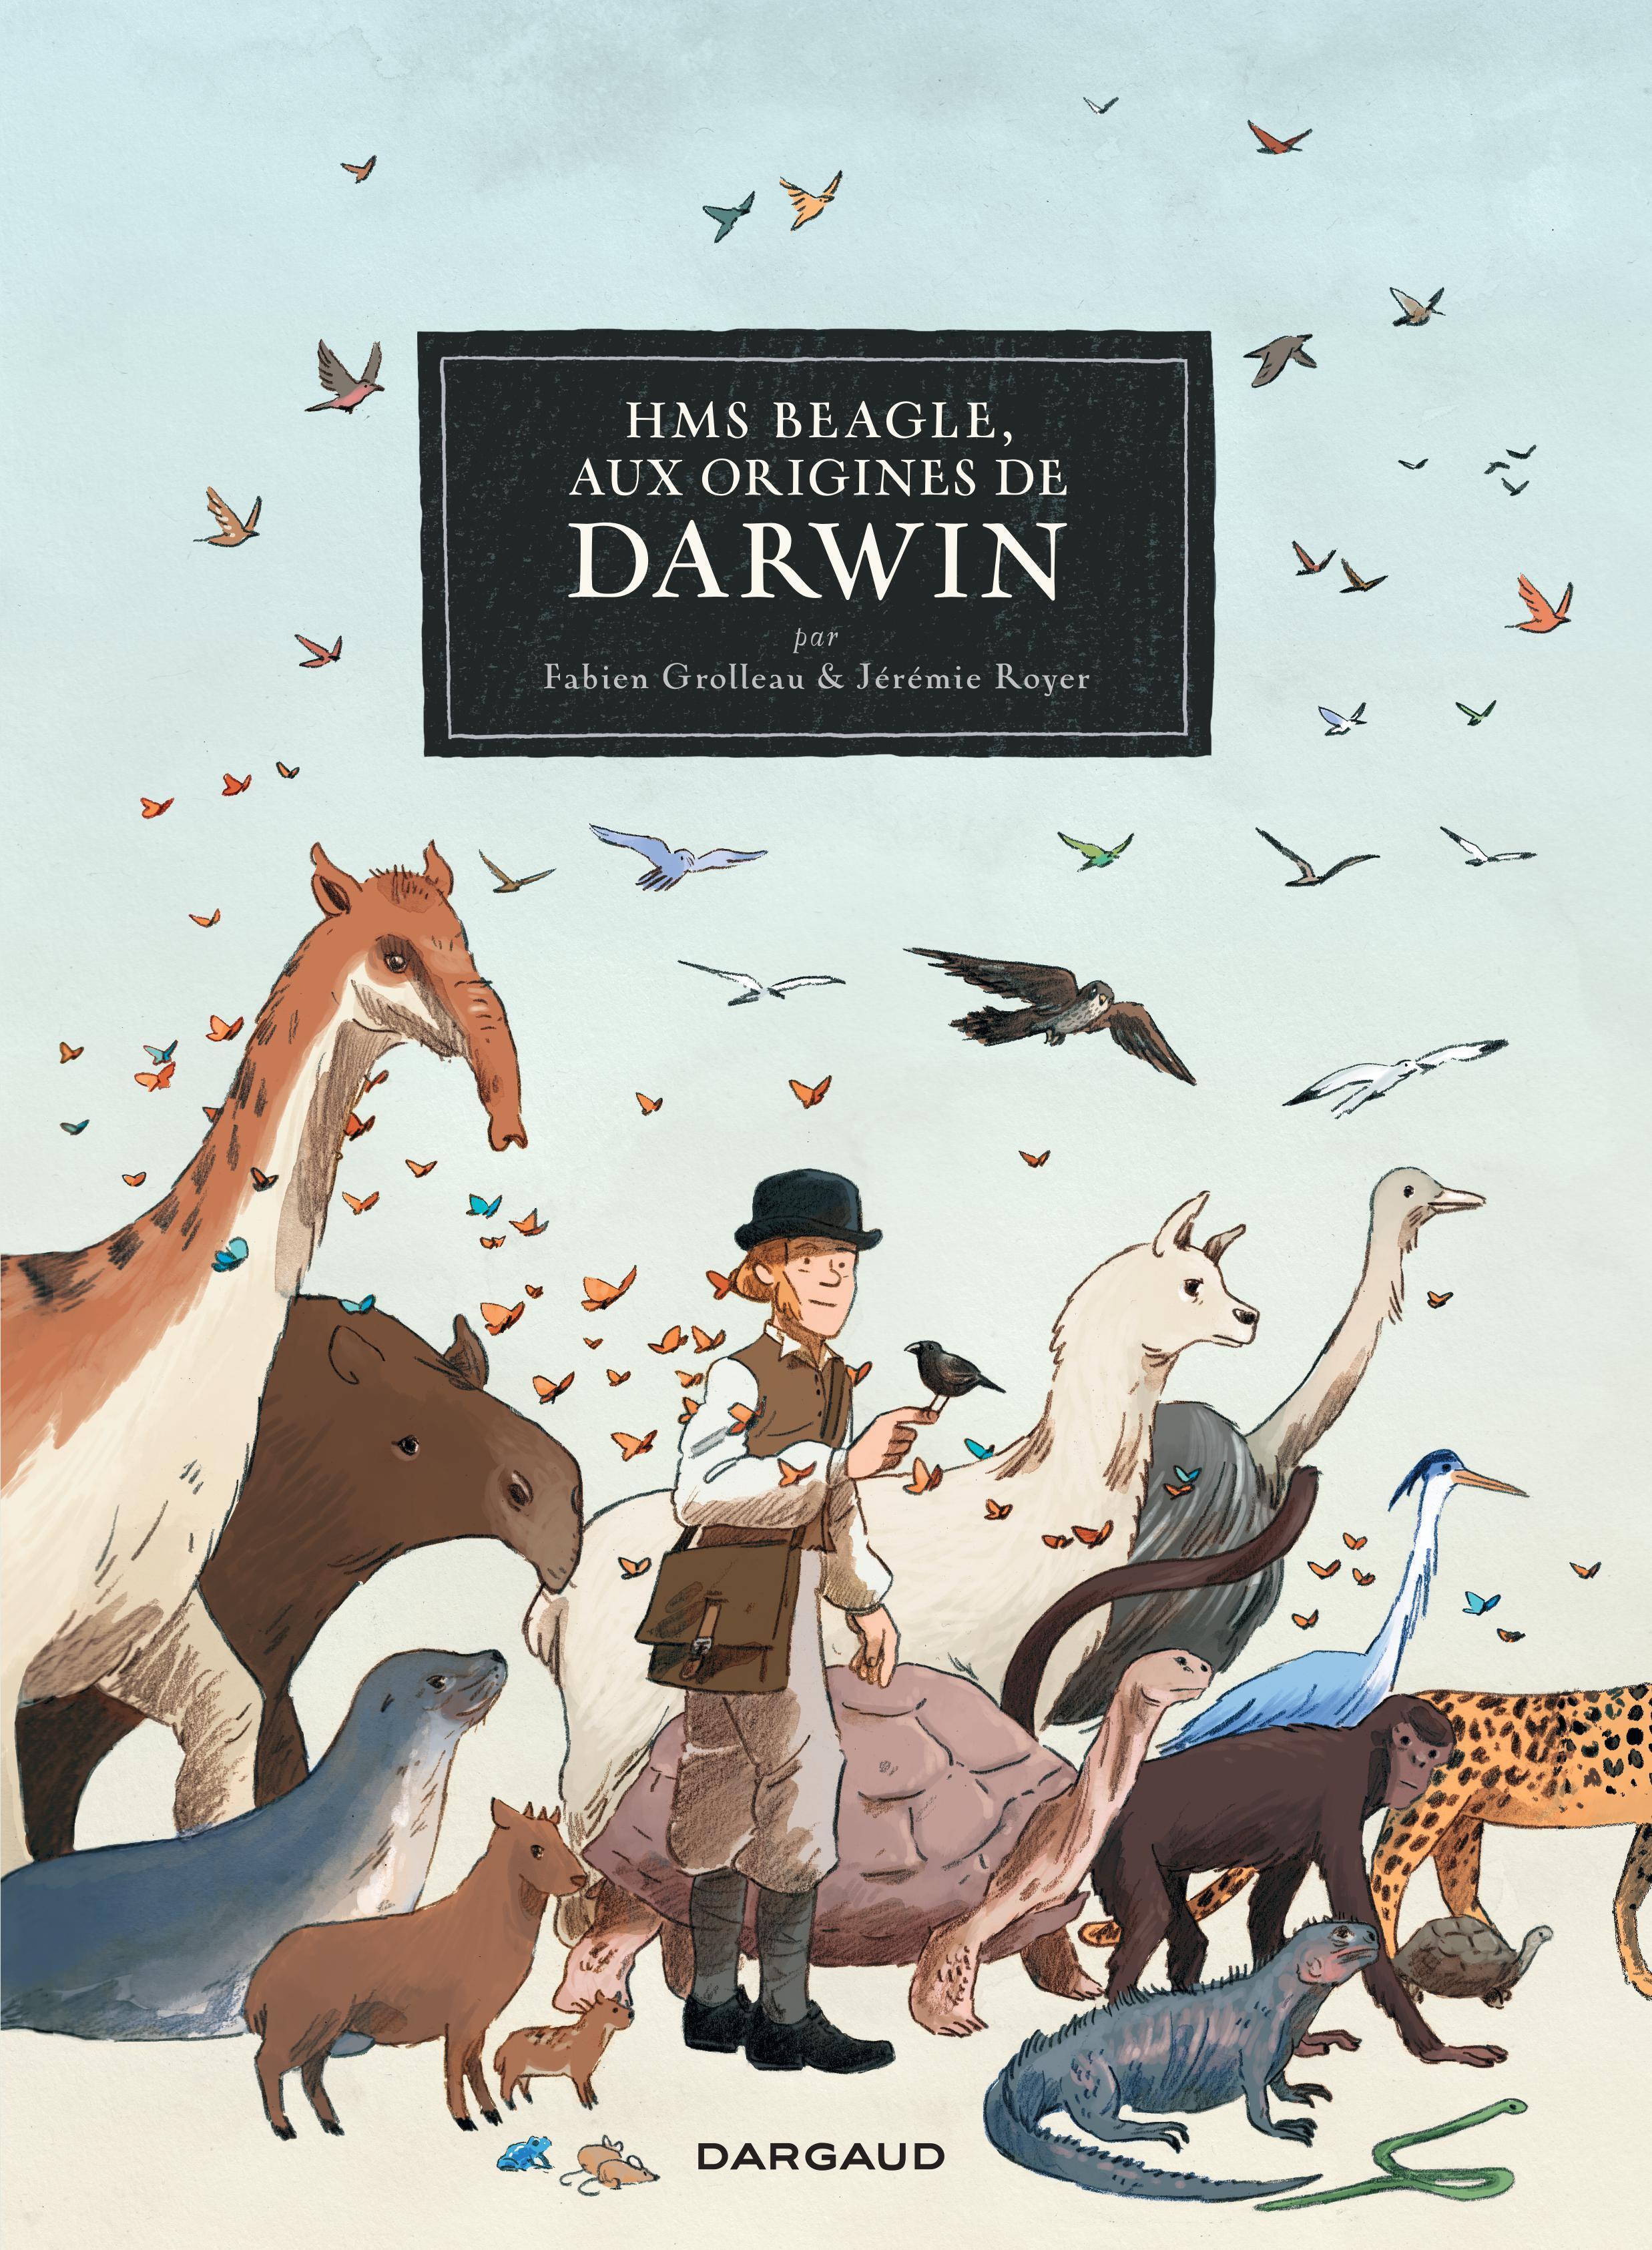 Couverture de la bande dessinée «HMS Beagle, aux origines de Darwin» de Fabien Grolleau et Jérémie Royer.